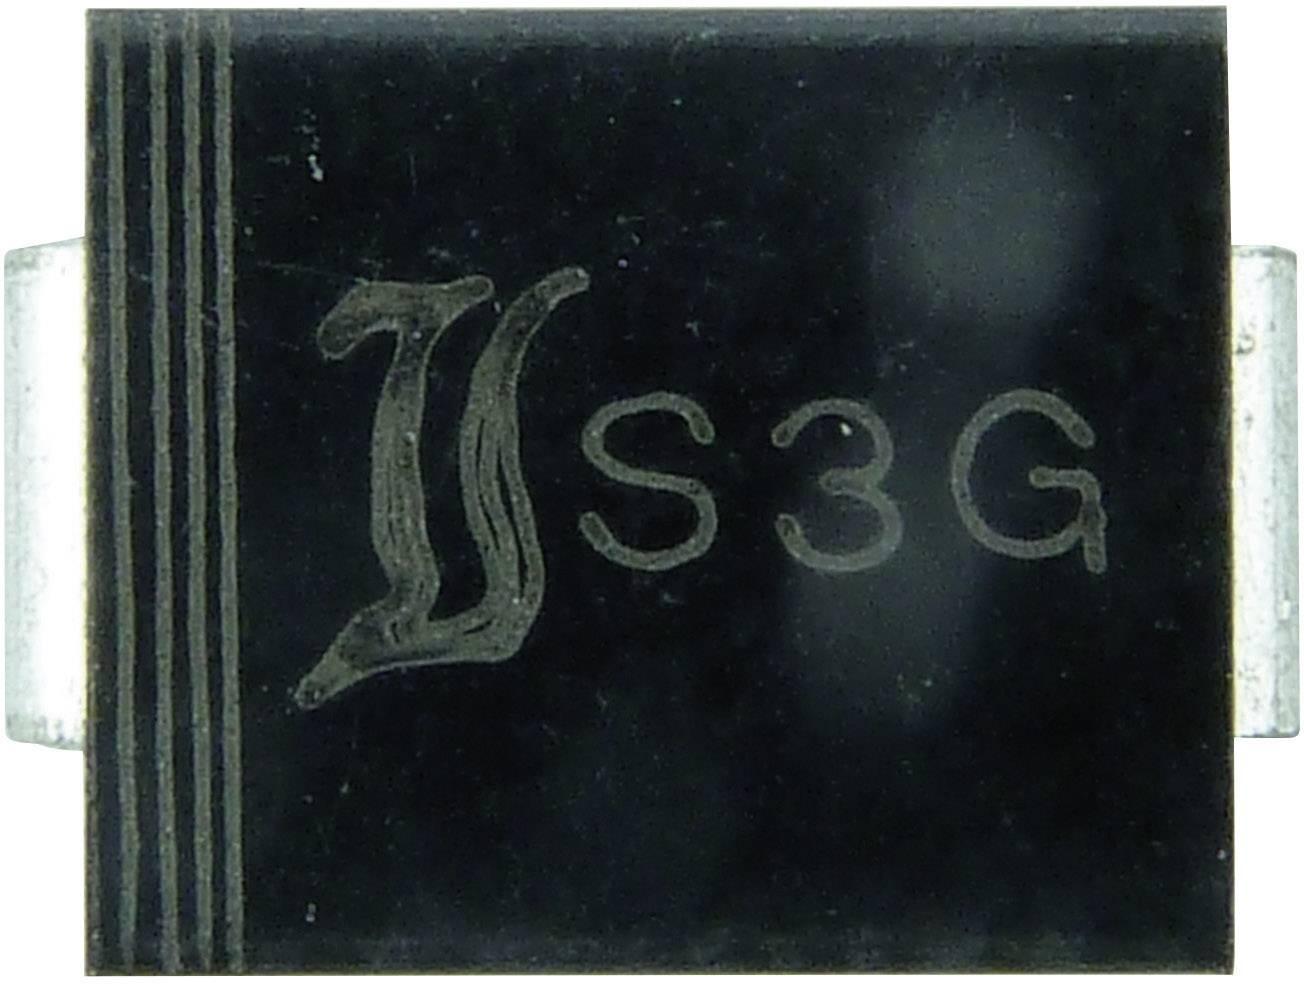 Zenerova dioda Diotec Z3SMC6.8, U(zen) 6.8 V